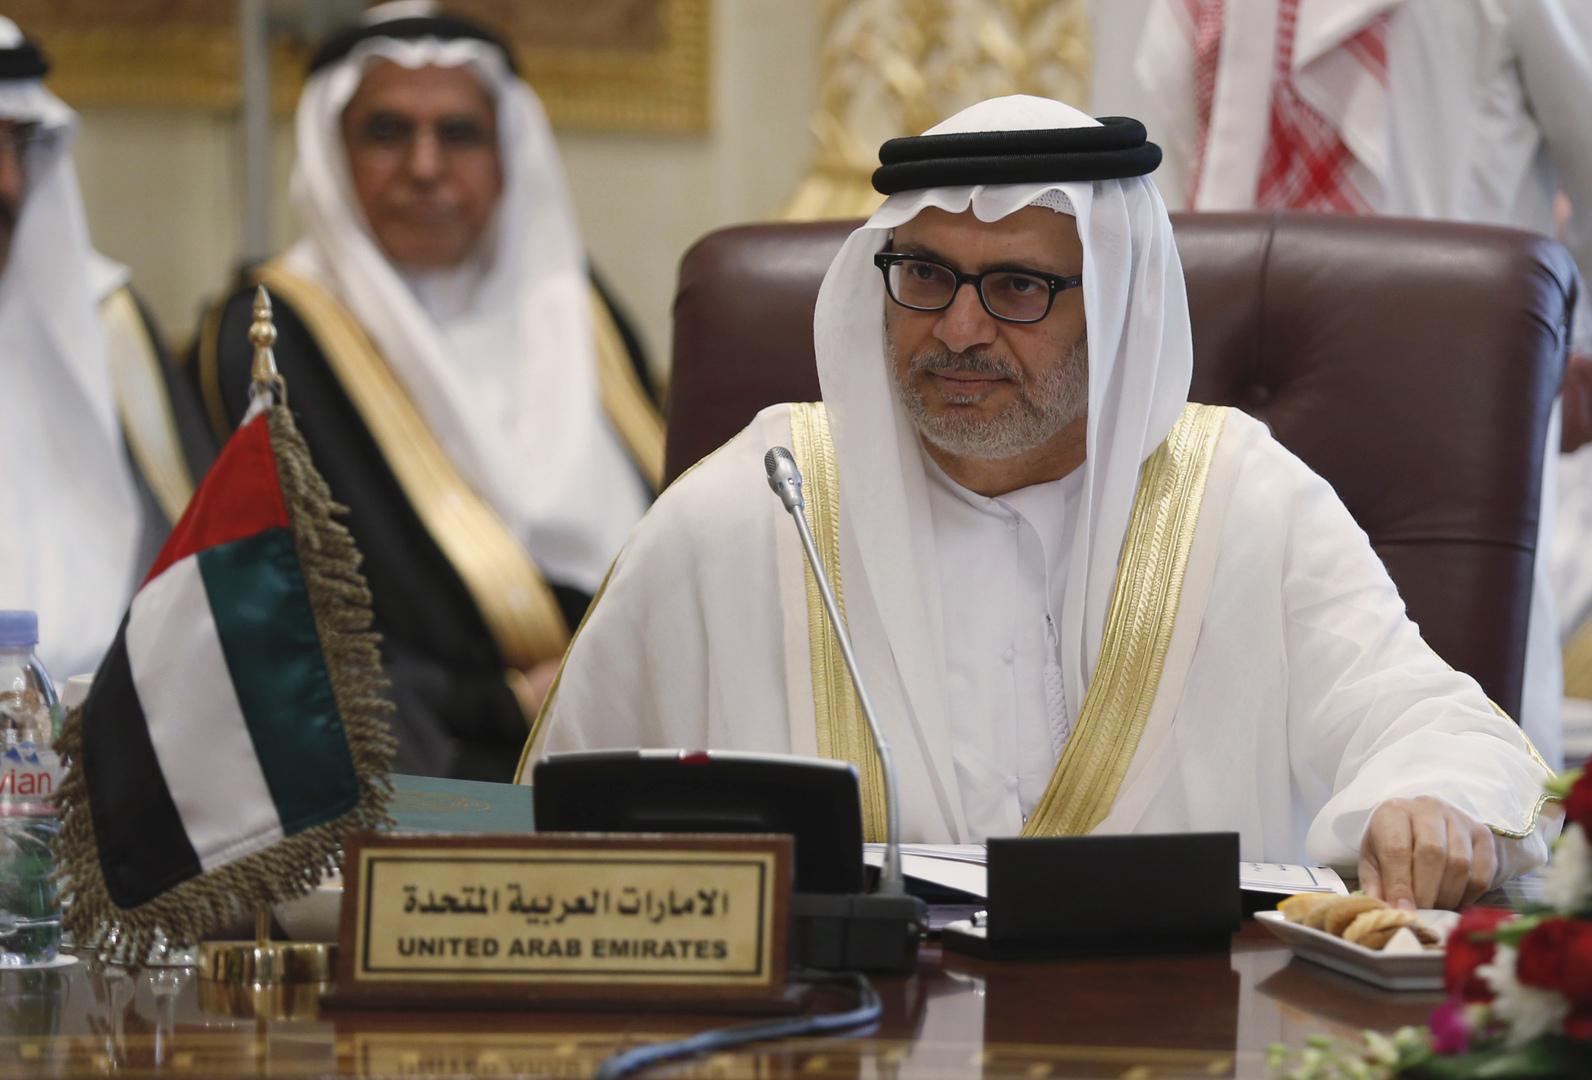 ردا على تقرير أمريكي.. قرقاش: نثق بالسعودية في إدارة ملف الأزمة مع قطر